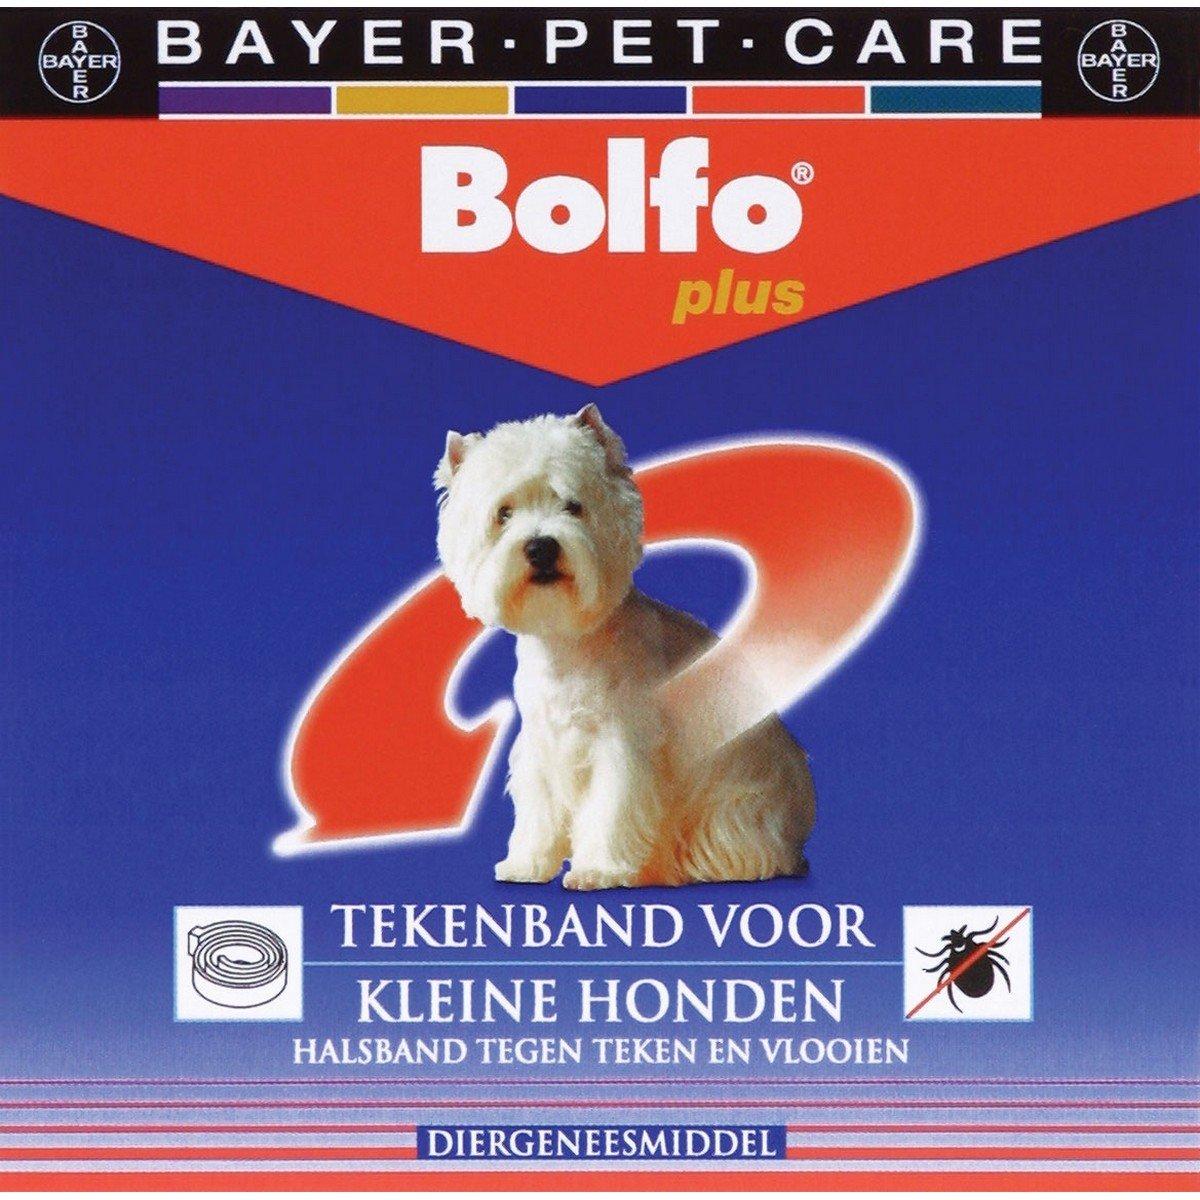 Afbeelding van Advantage H bolfo tekenband kleine hond 1 stuk